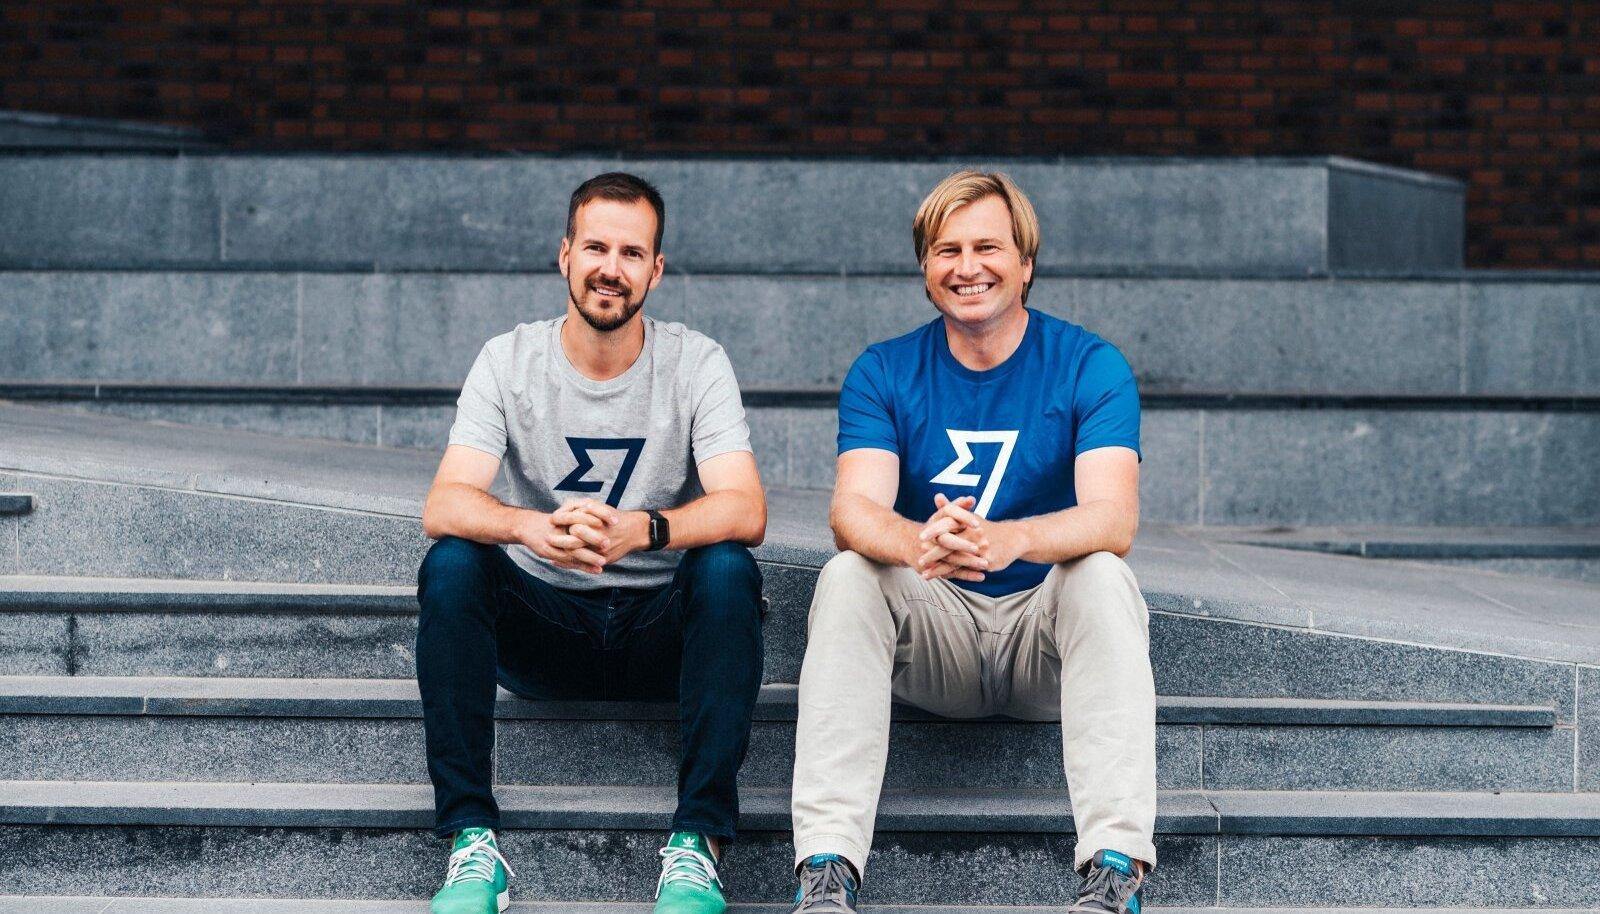 Wise'i kaasasutajad Taavet Hinrikus (vasakul) ja Kristo Käärmann